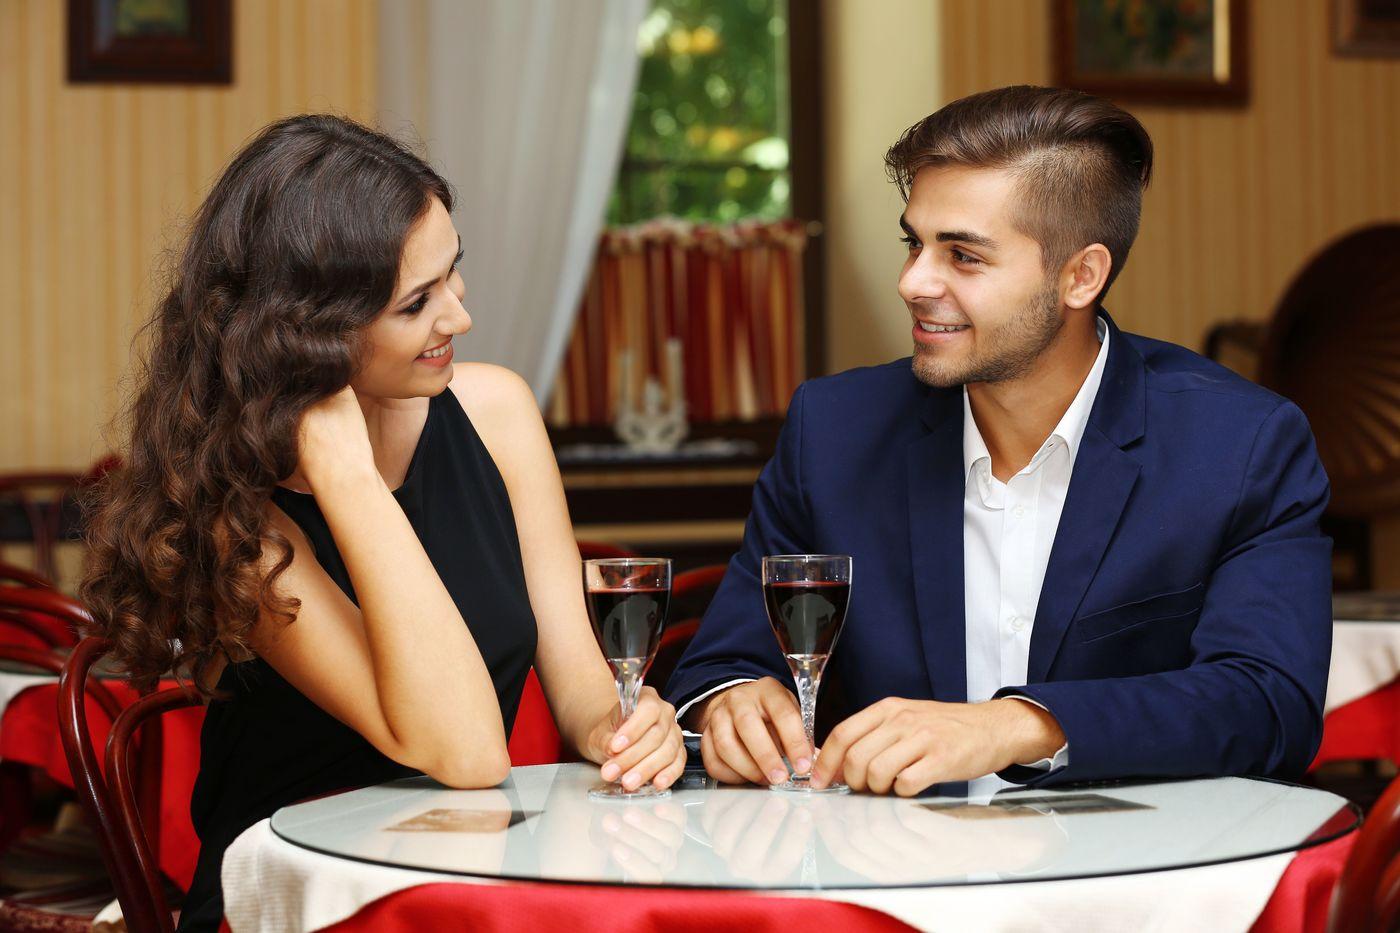 外国人カップルに学ぶ!ずっとラブラブなカップルになるためには?の6枚目の画像